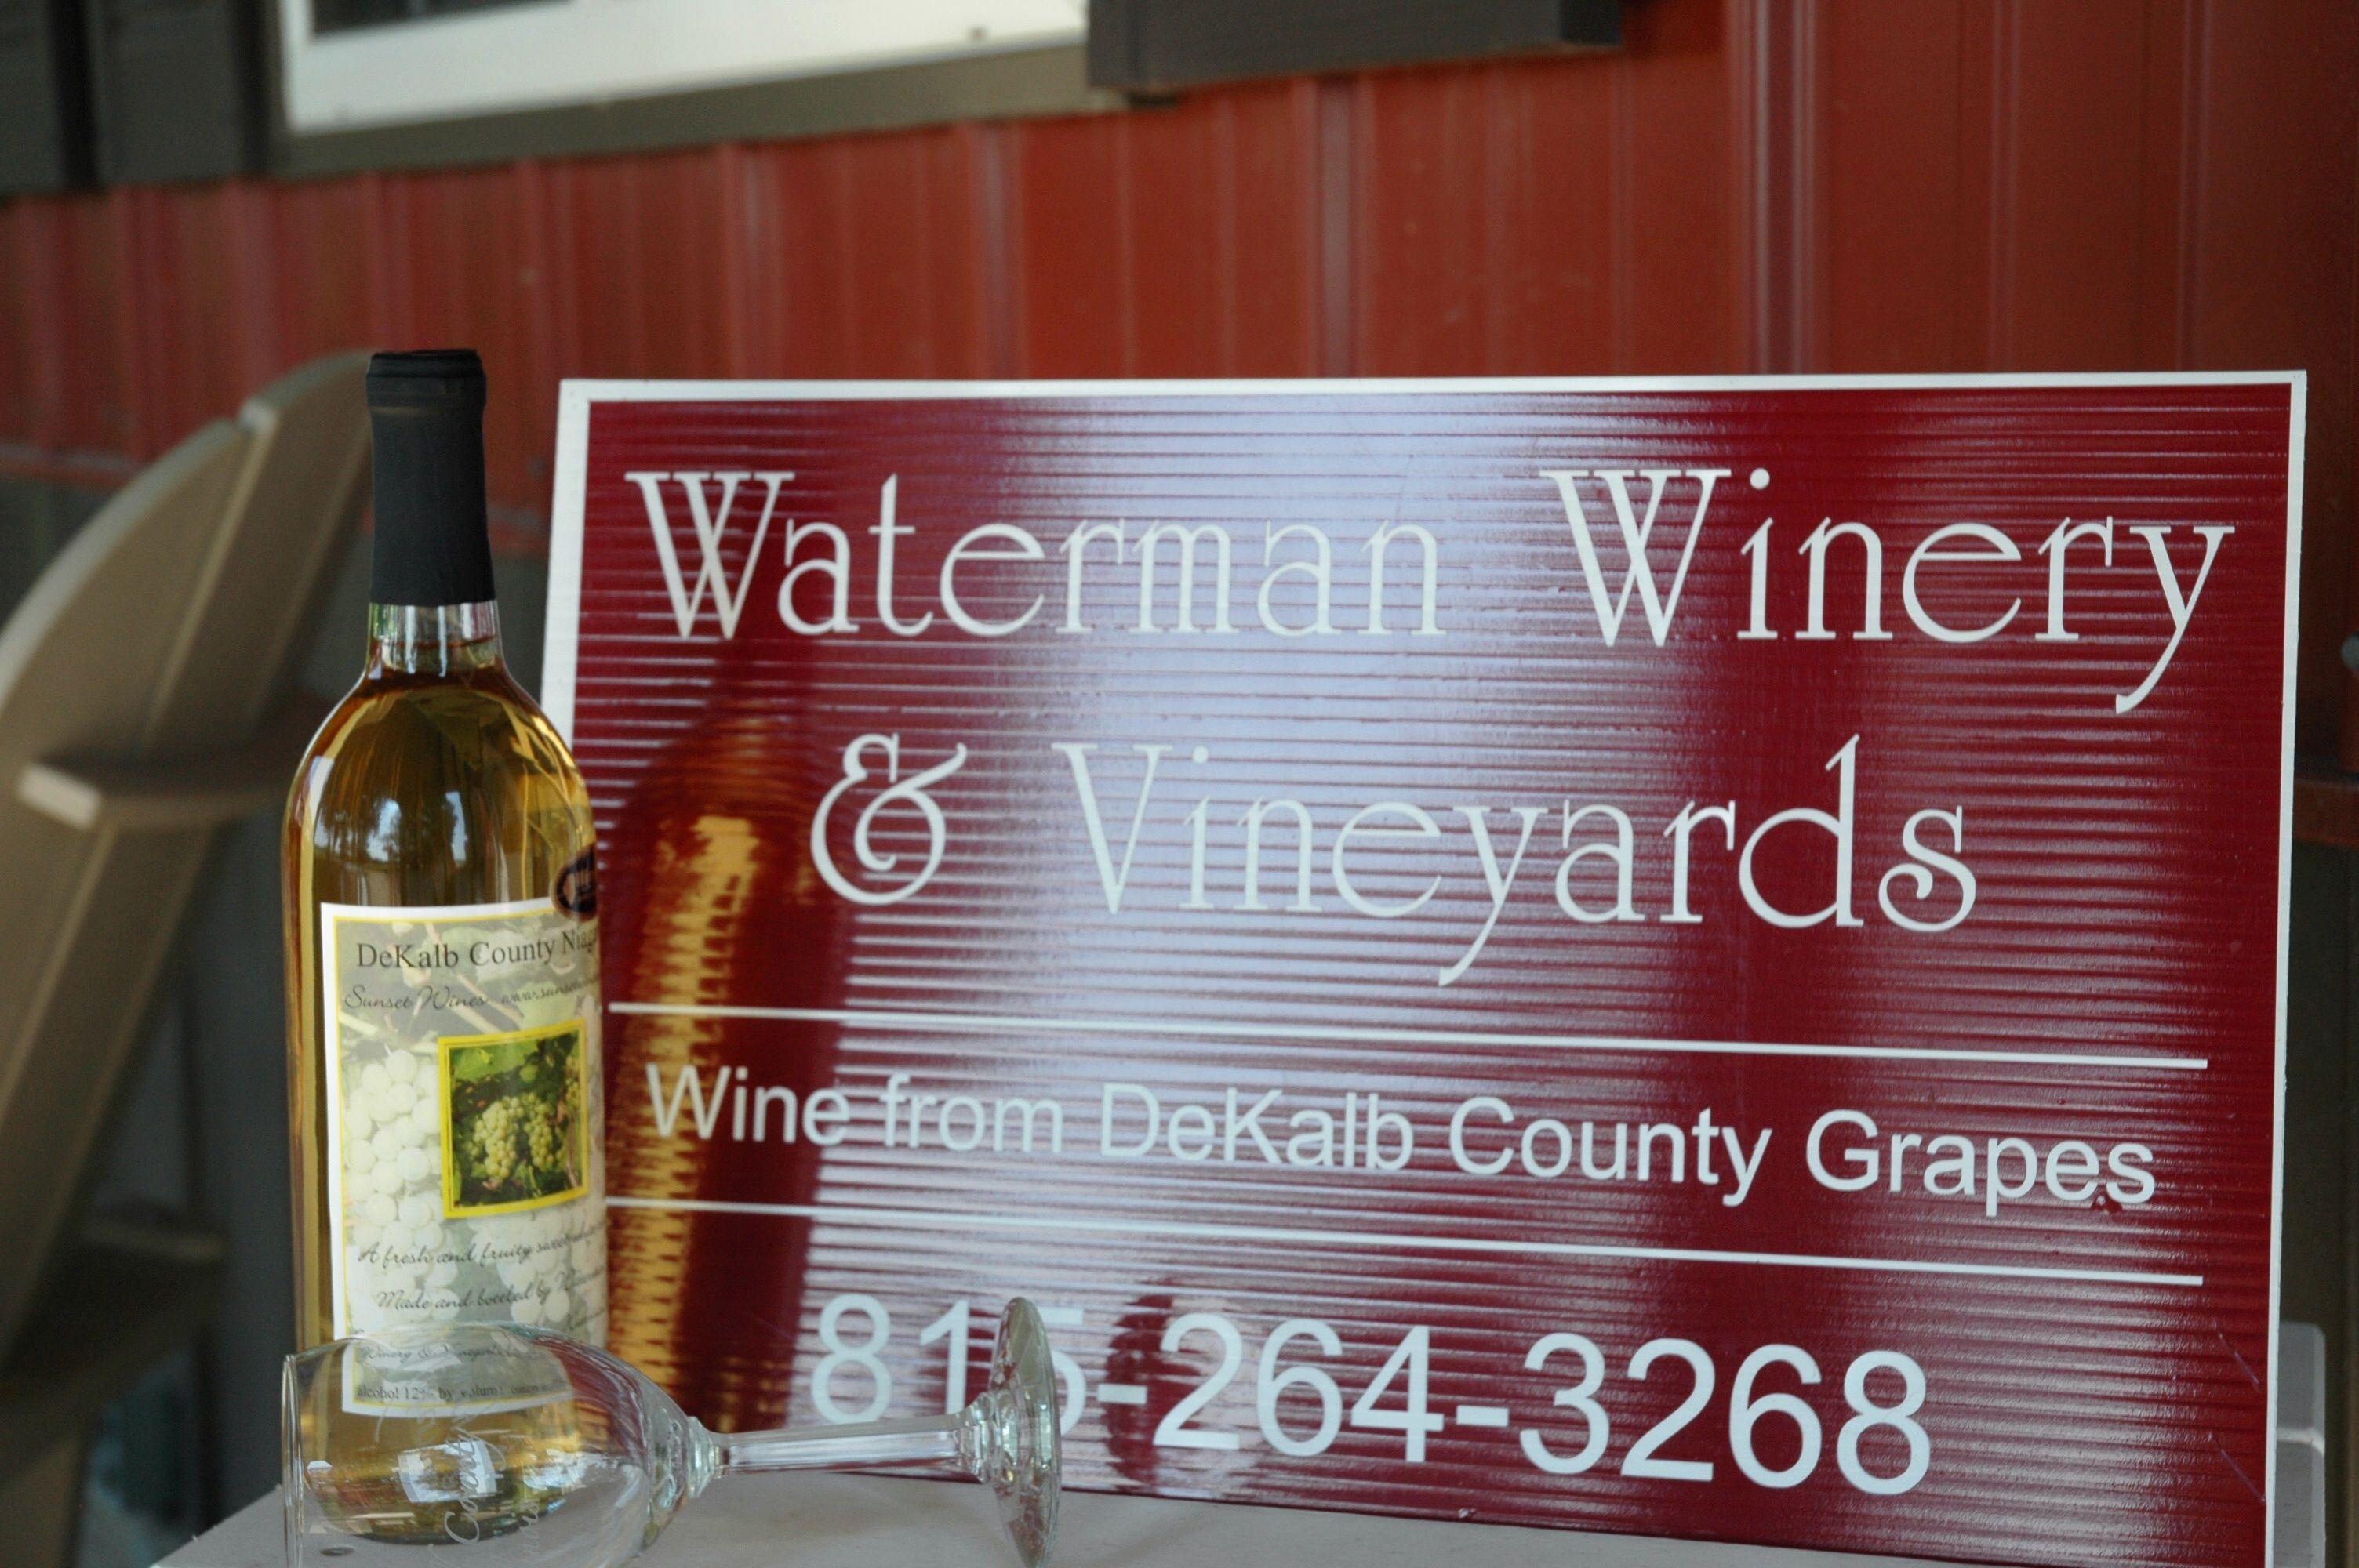 Waterman Winery Vineyards 11582 Waterman Road Waterman Illinois Winery Waterman Wines